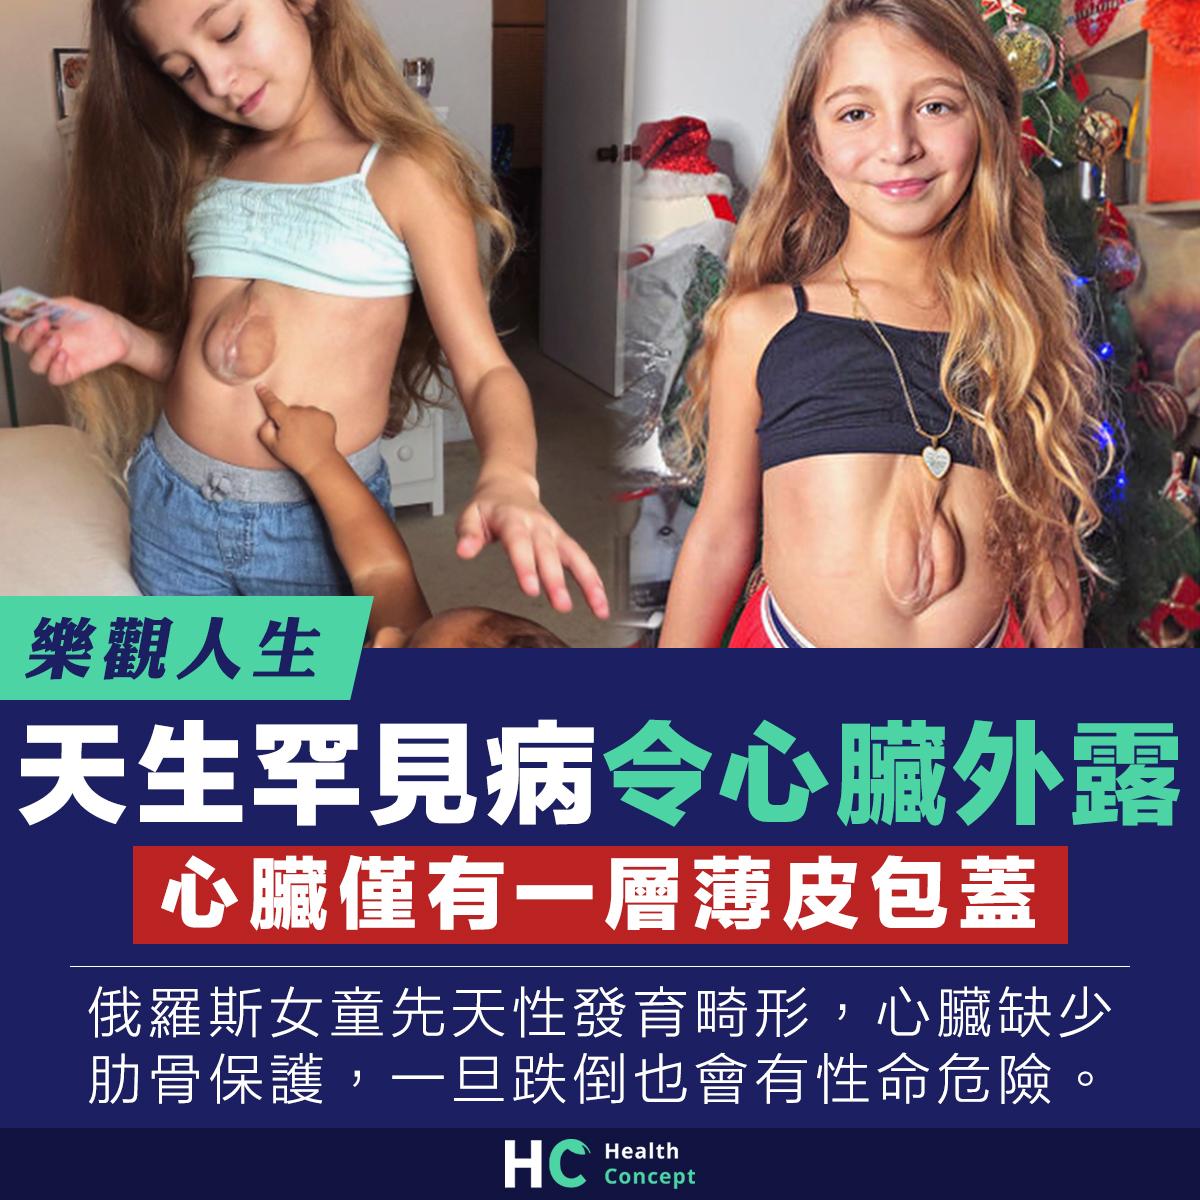 女童患天生罕見病 心臟外露僅有一層薄皮包蓋